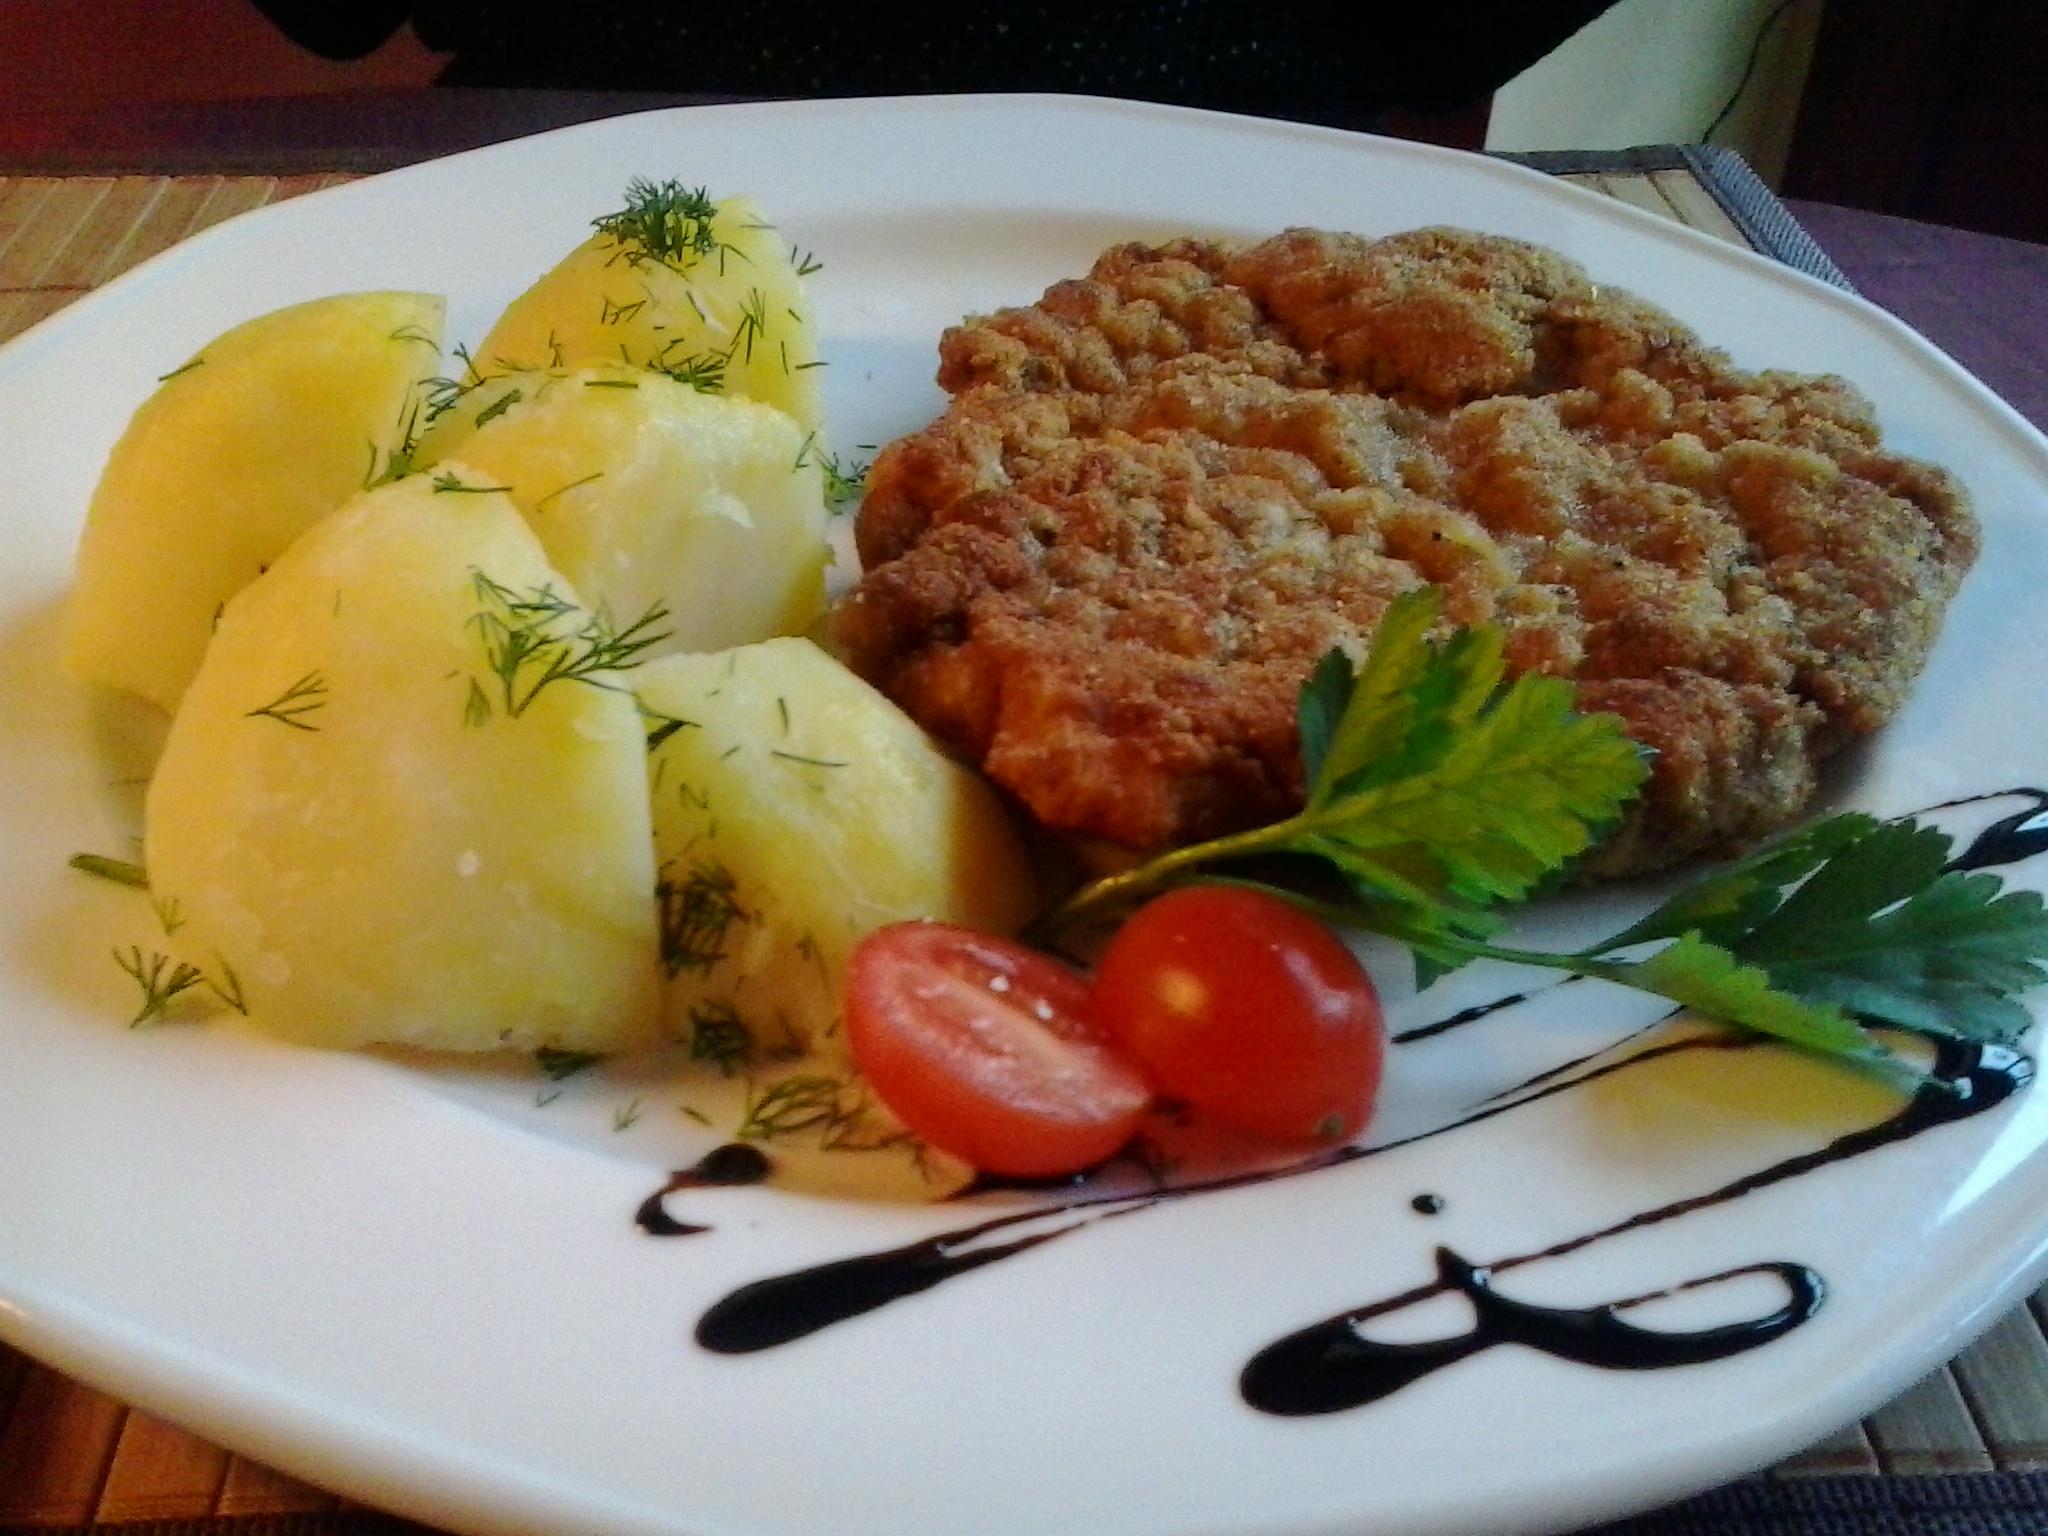 Lekka kuchnia do kotleta czyli – na co zamienić tłustego ziemniaka na talerzu.